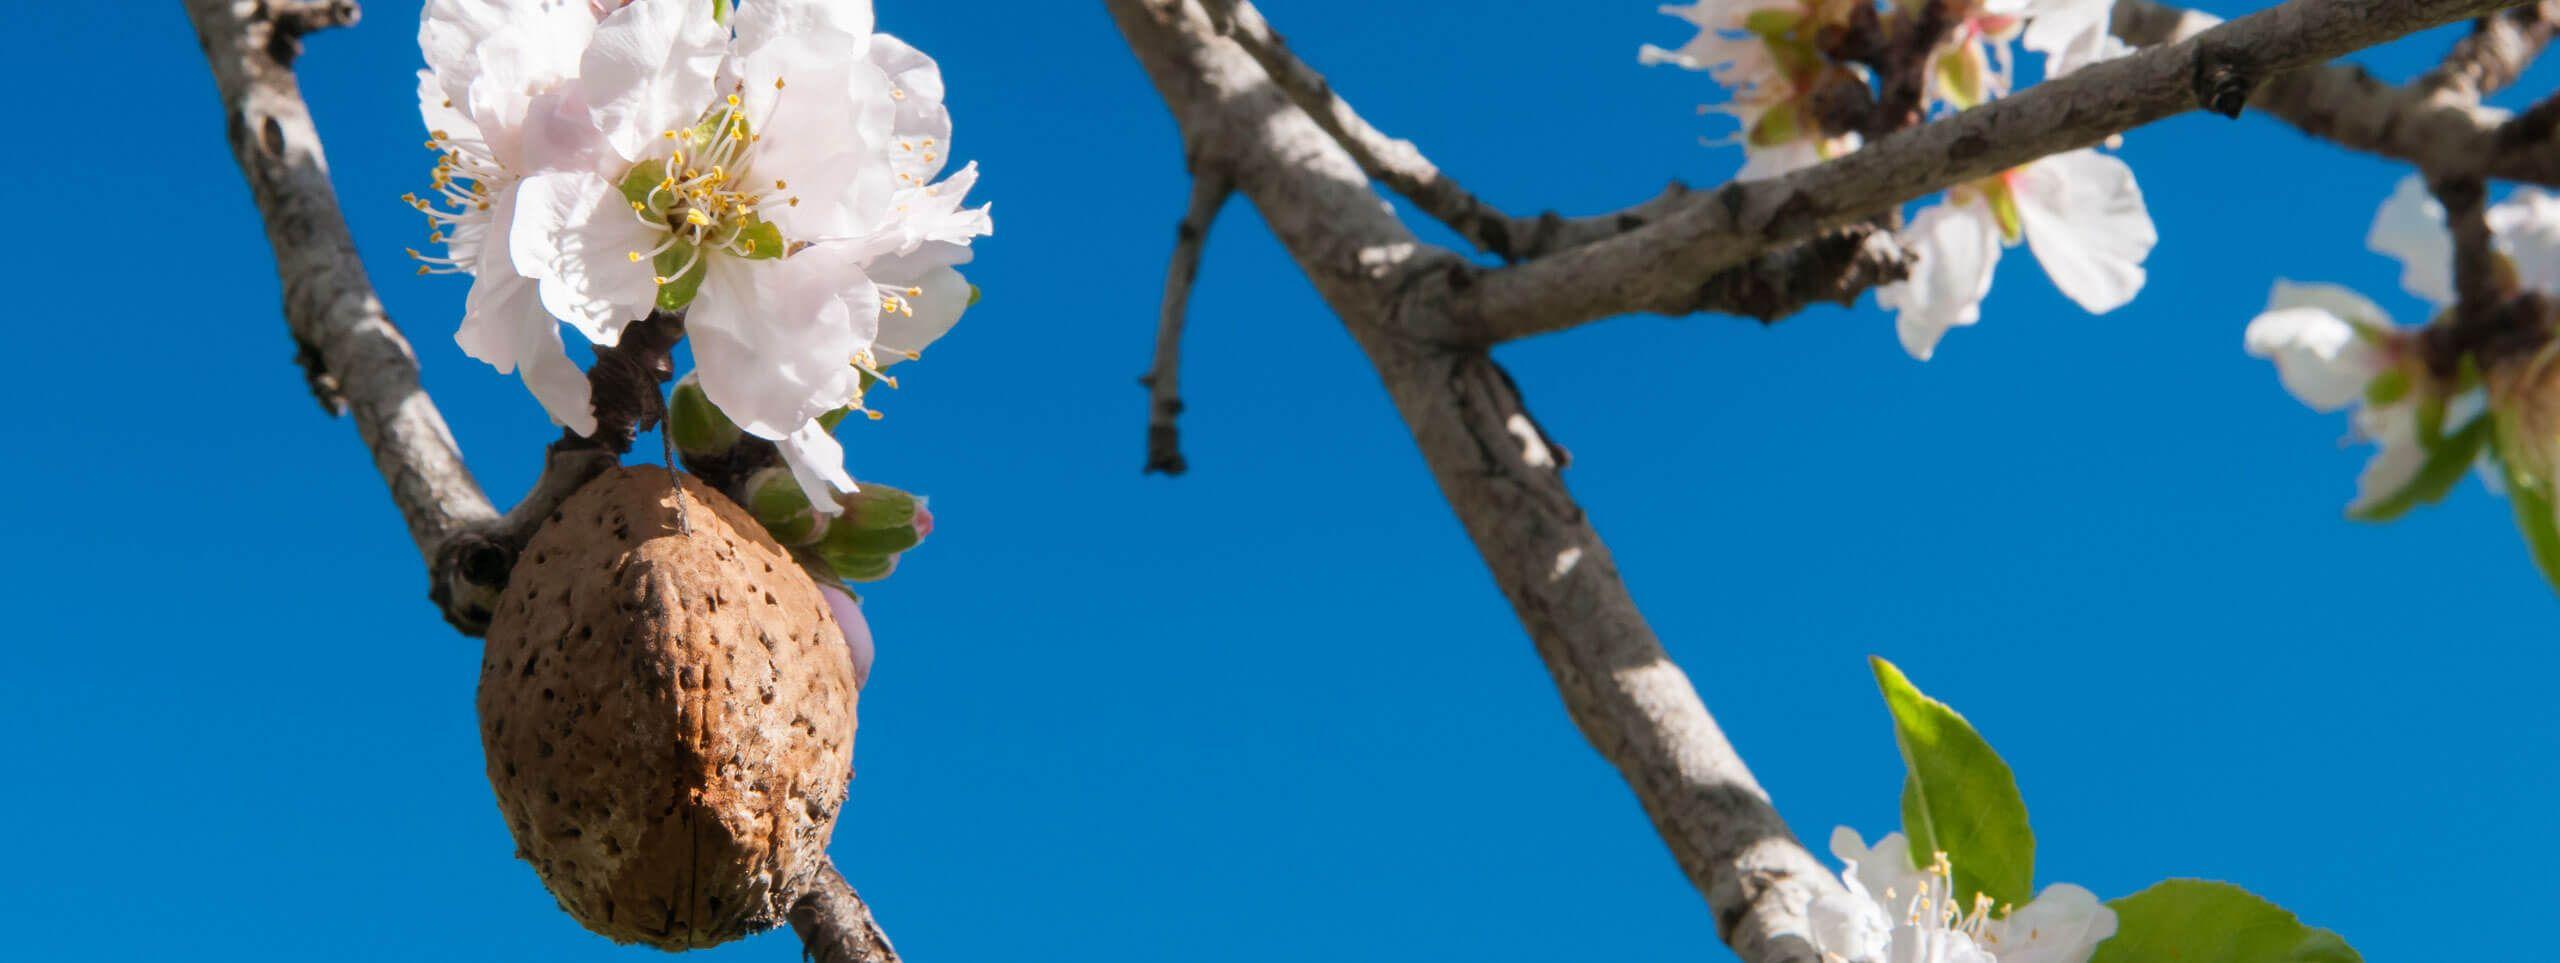 Drzewo z kwiatami